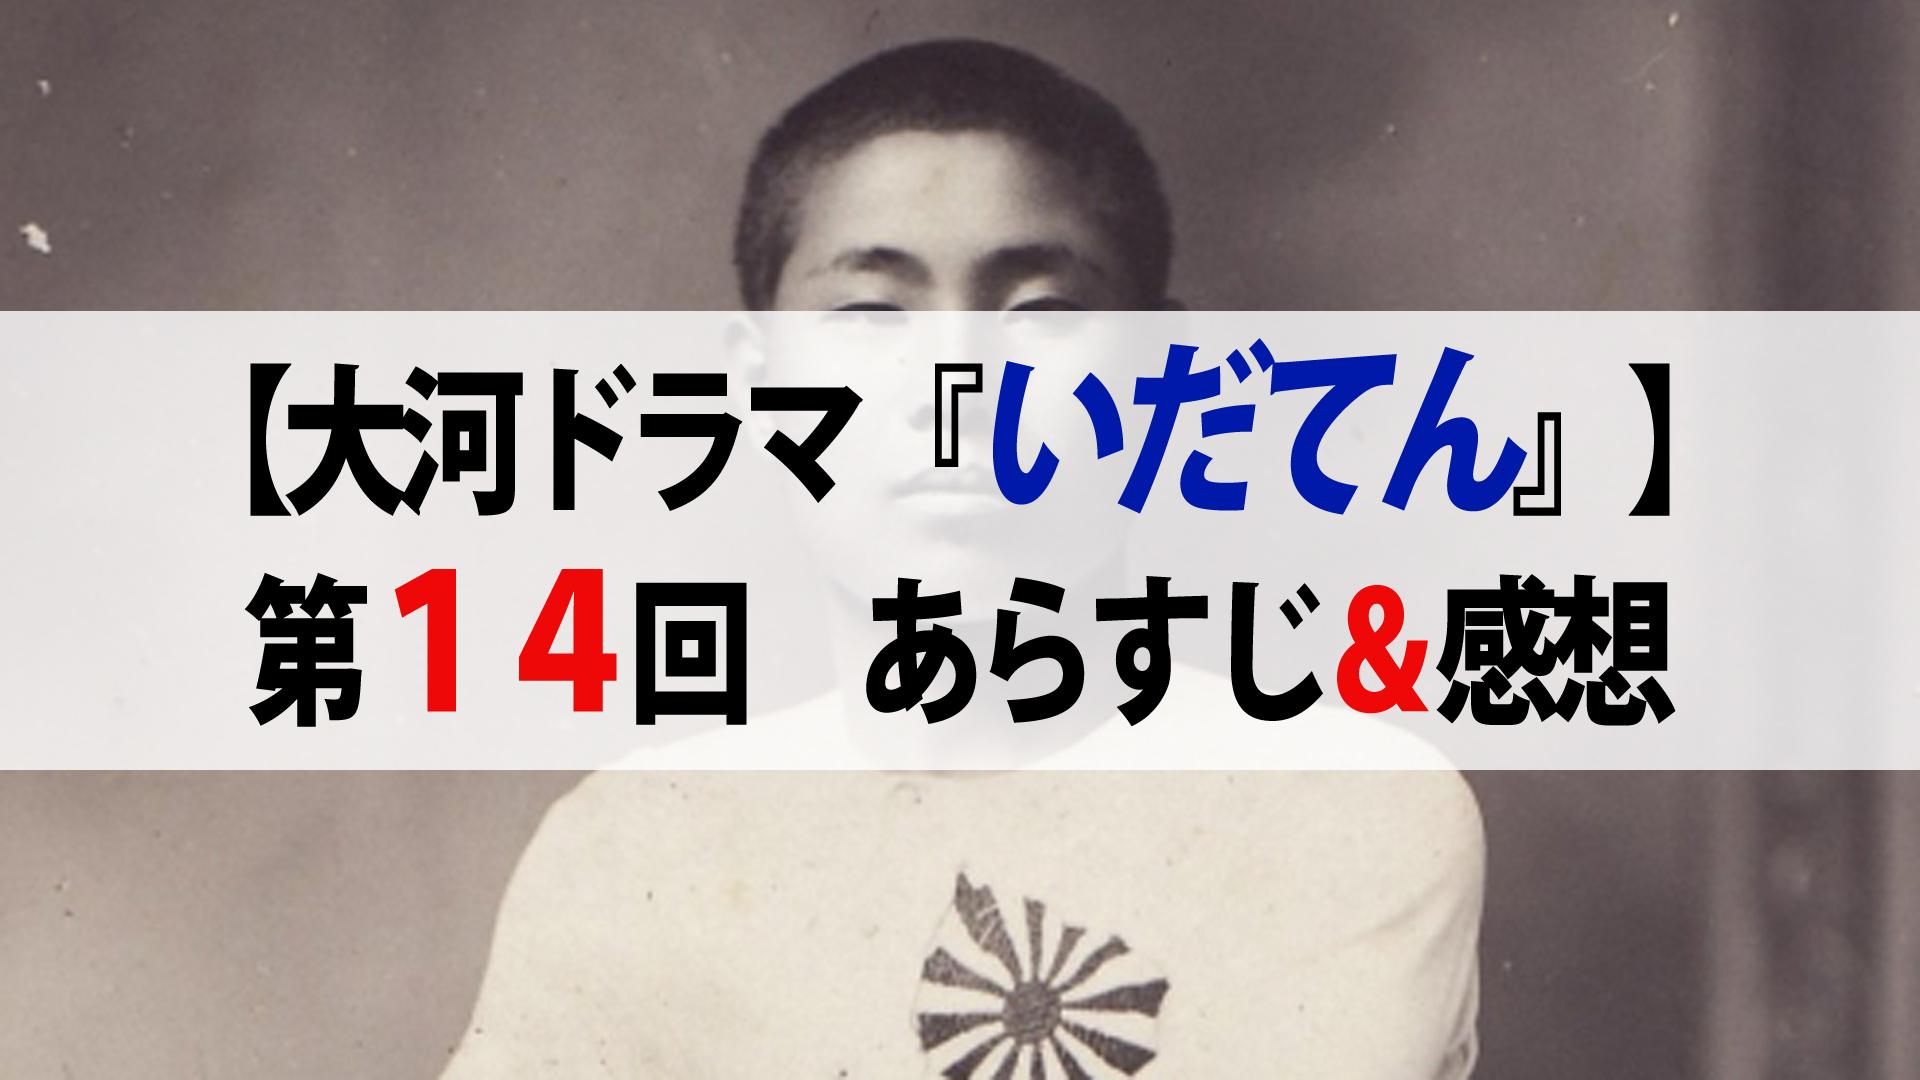 【大河ドラマ『いだてん』】第14回『新世界』あらすじ&感想